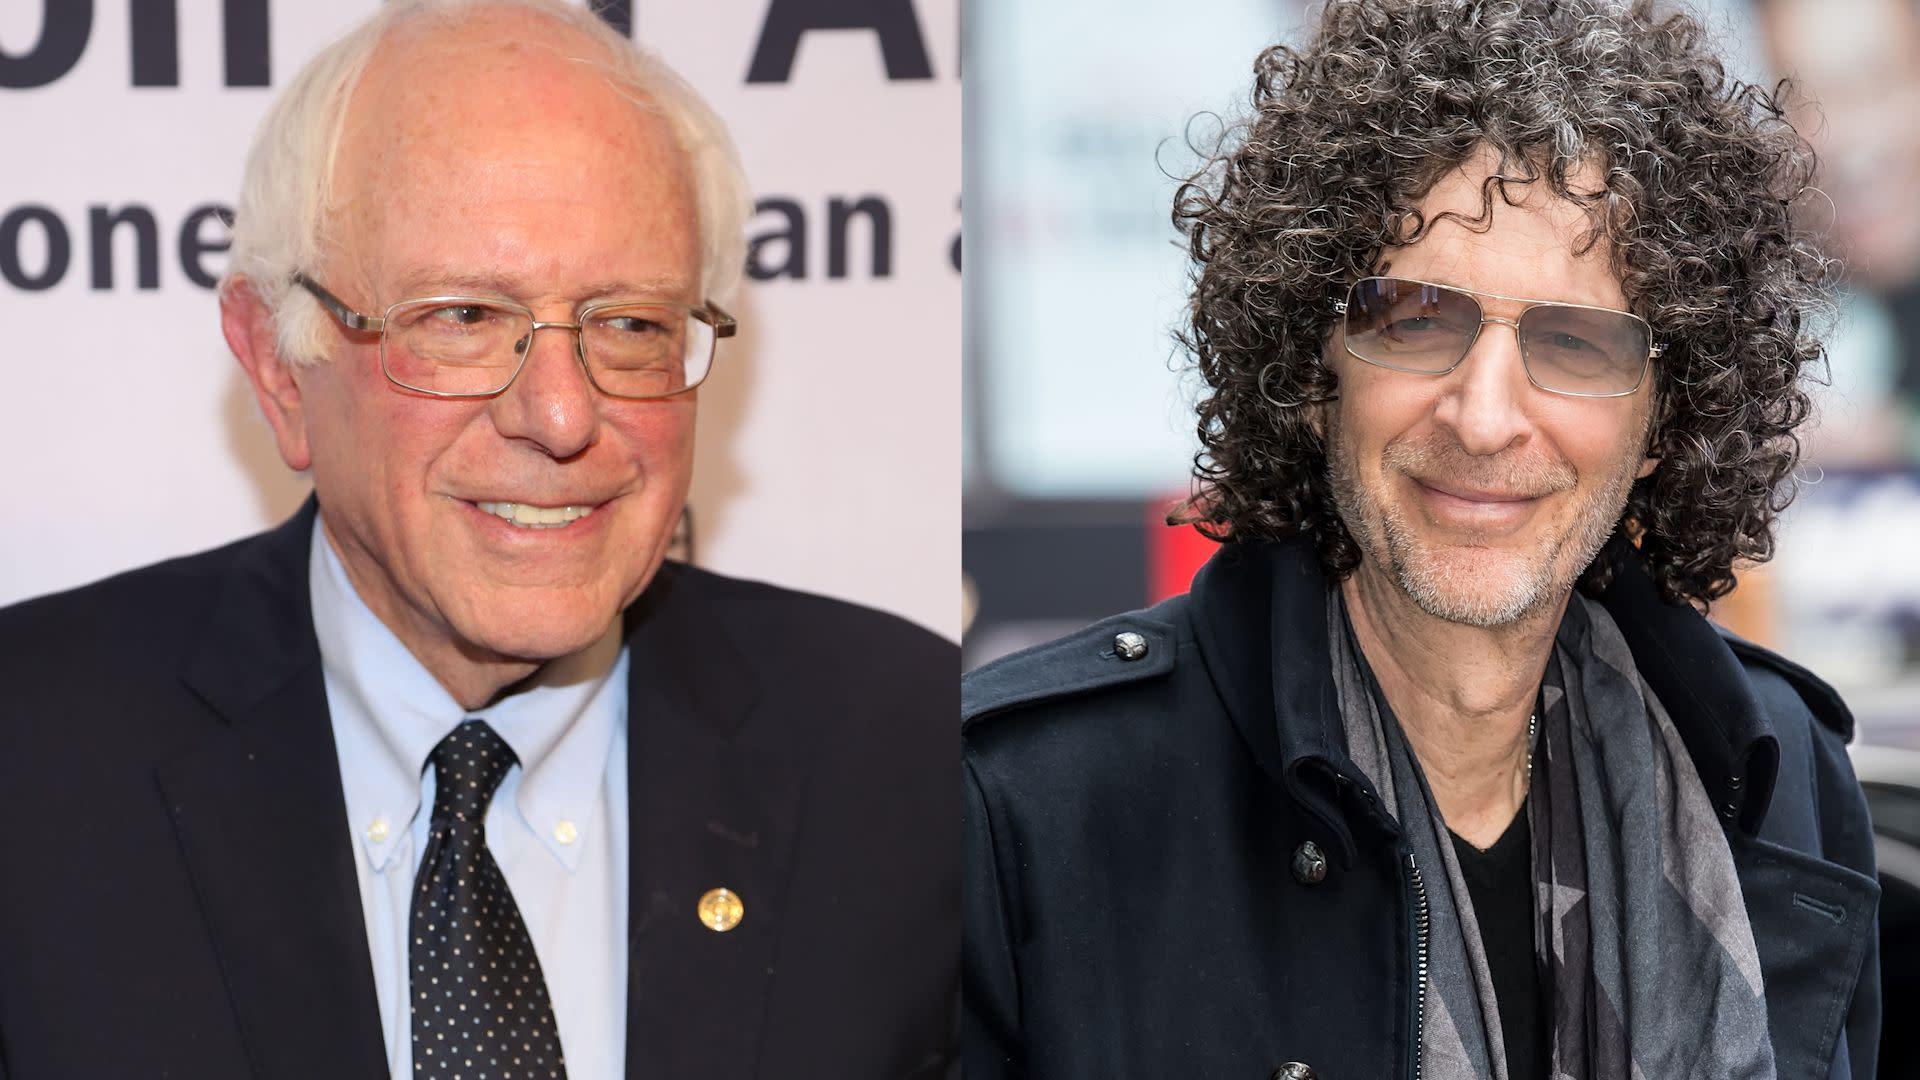 Howard Stern says Bernie Sanders is probably his 'biggest hero'